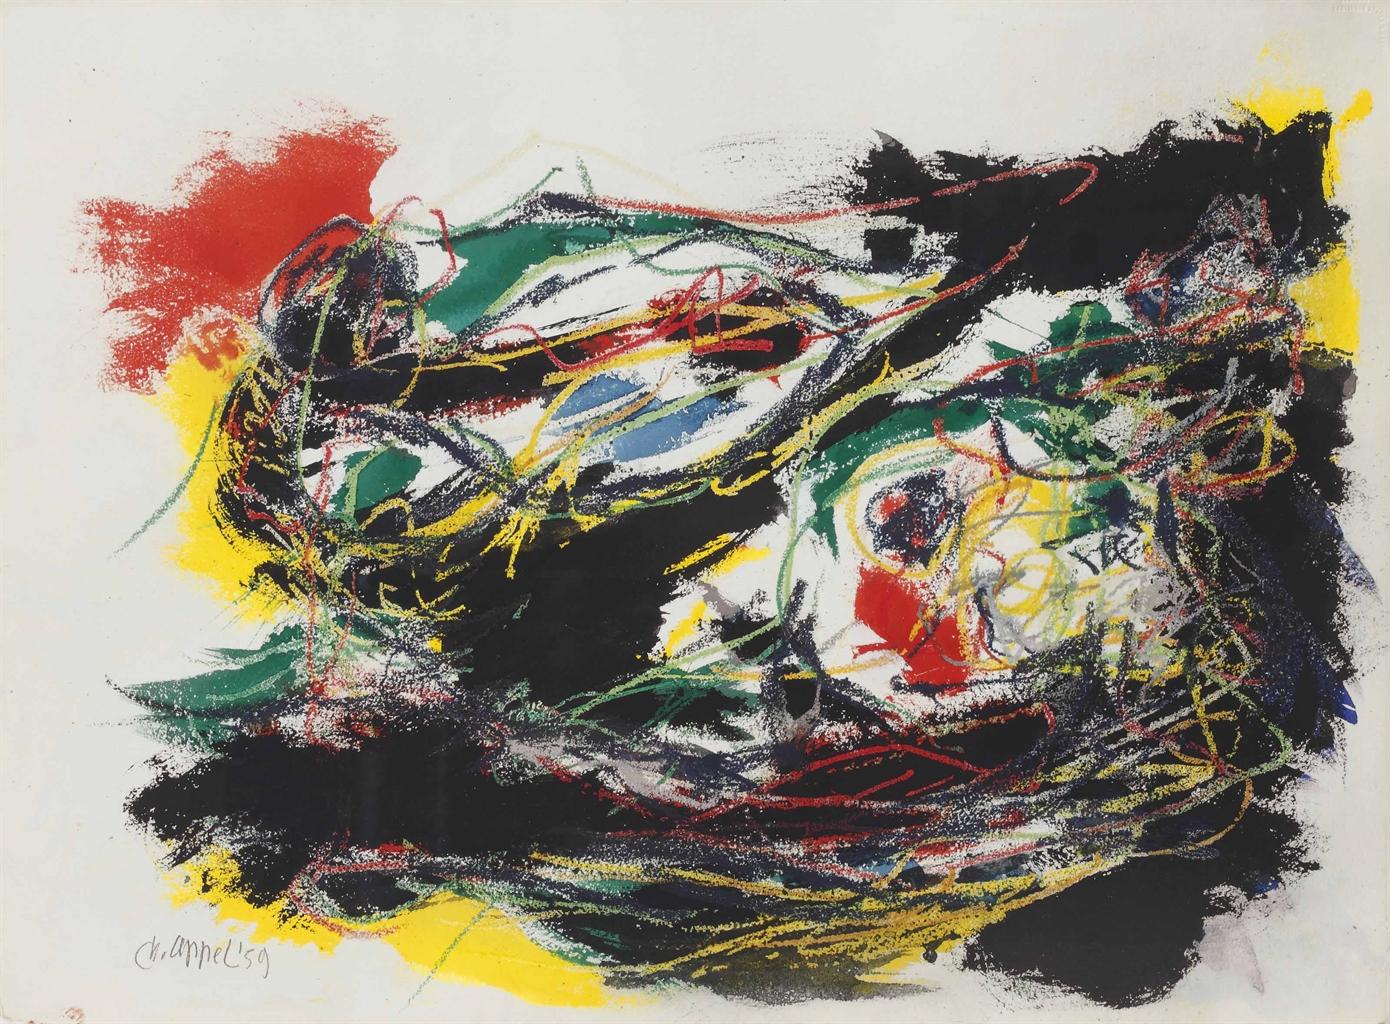 Karel Appel-Paysage Imagioneuse (Imaginary Landscape)-1959